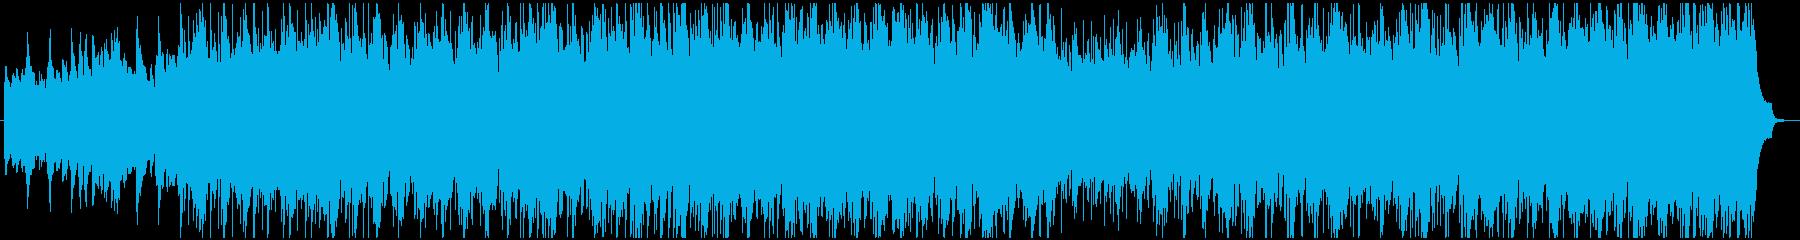 コーポレート ほのぼの 幸せ エピ...の再生済みの波形